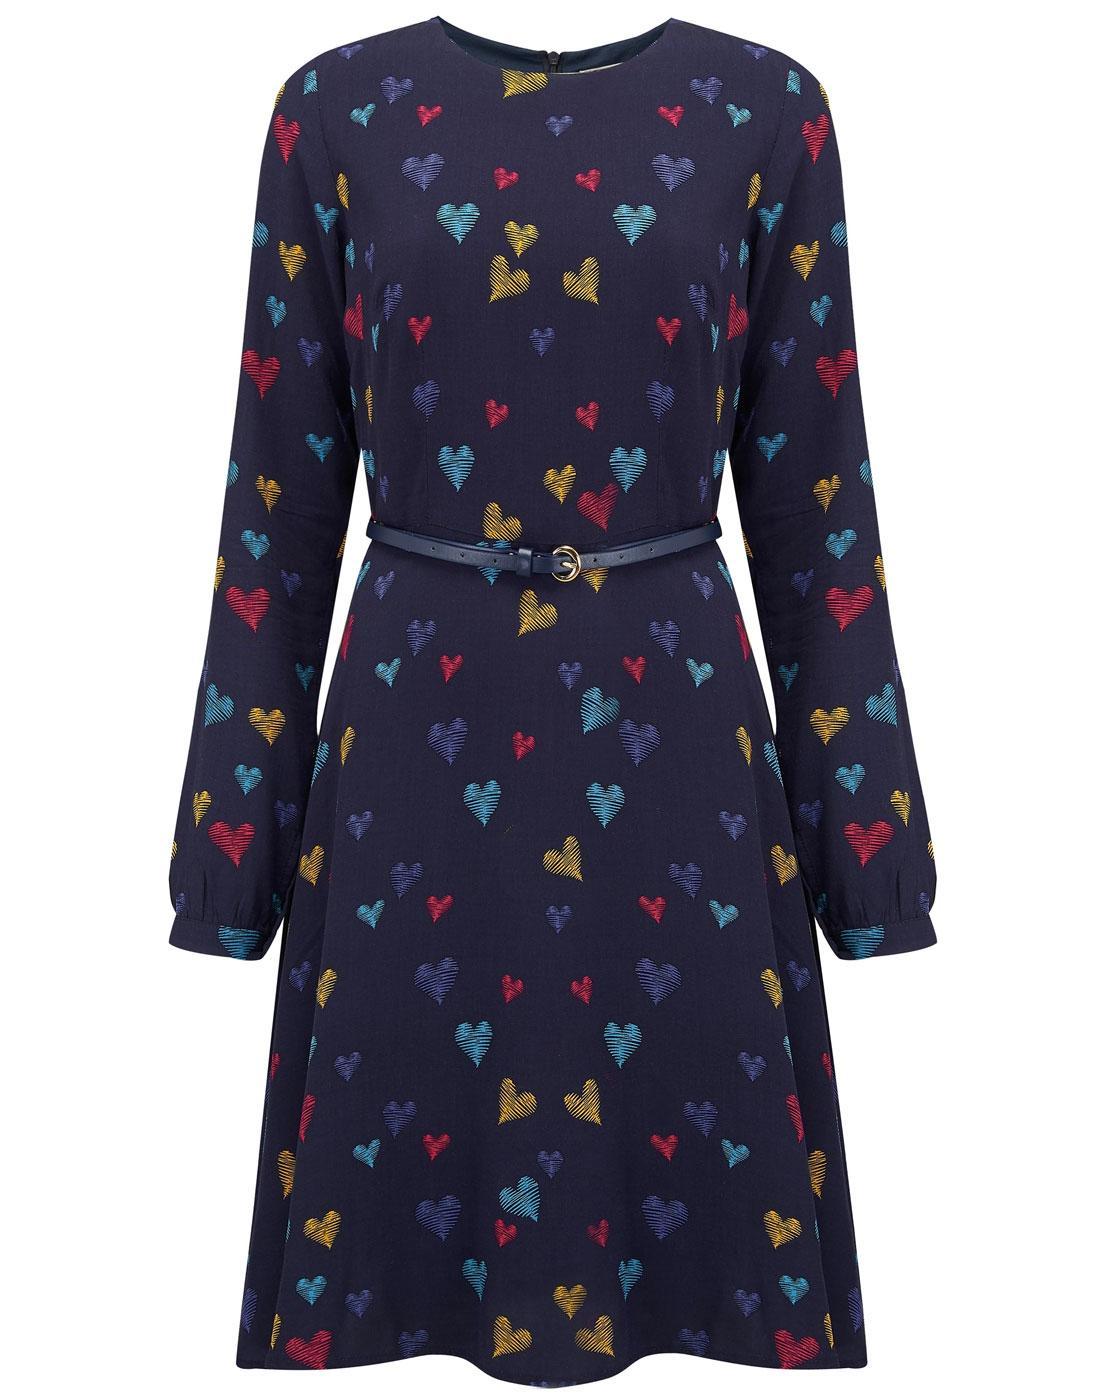 Darcy SUGARHILL BOUTIQUE Scribble Hearts 60s Dress